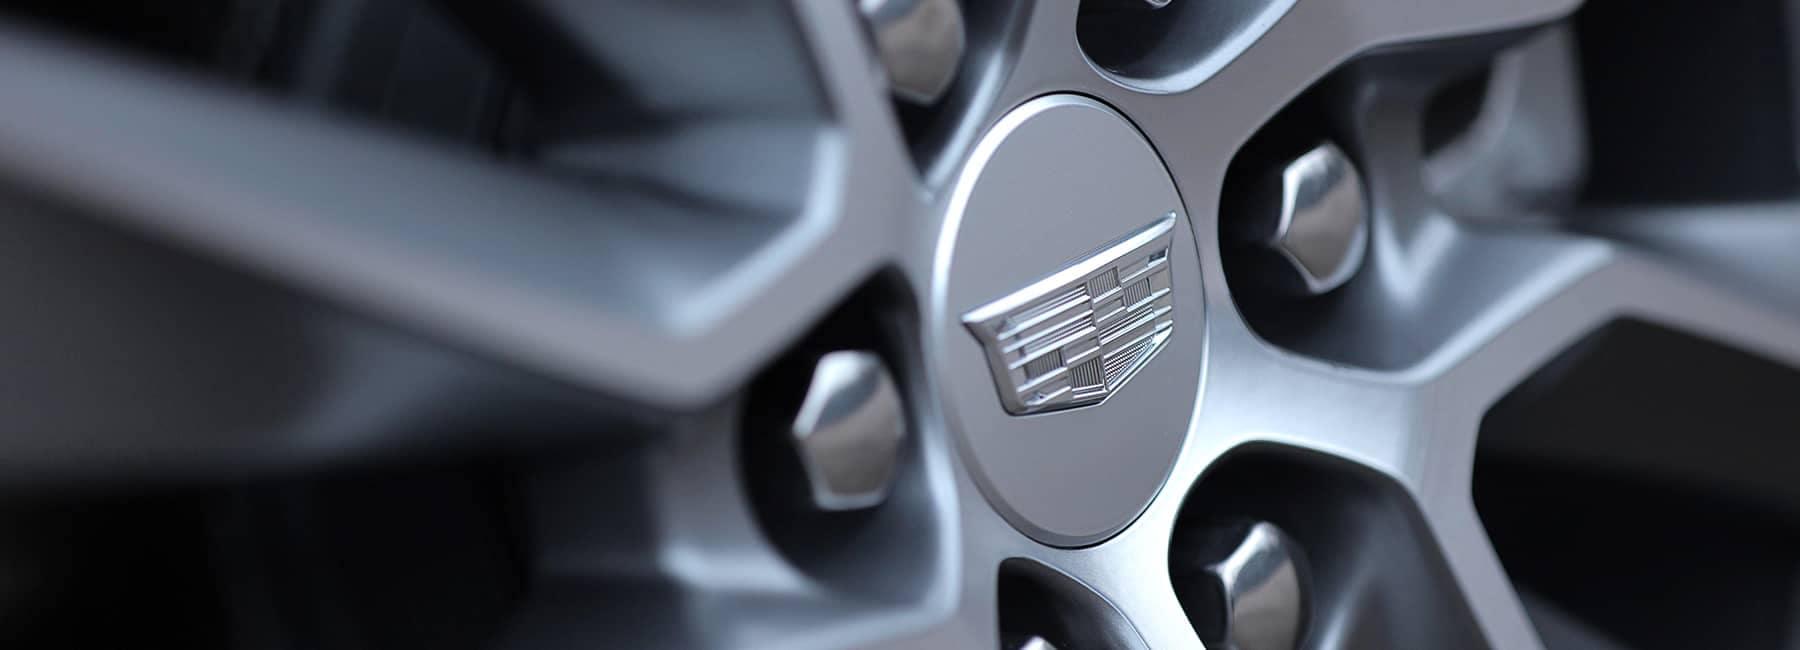 Cadillac Rim with logo